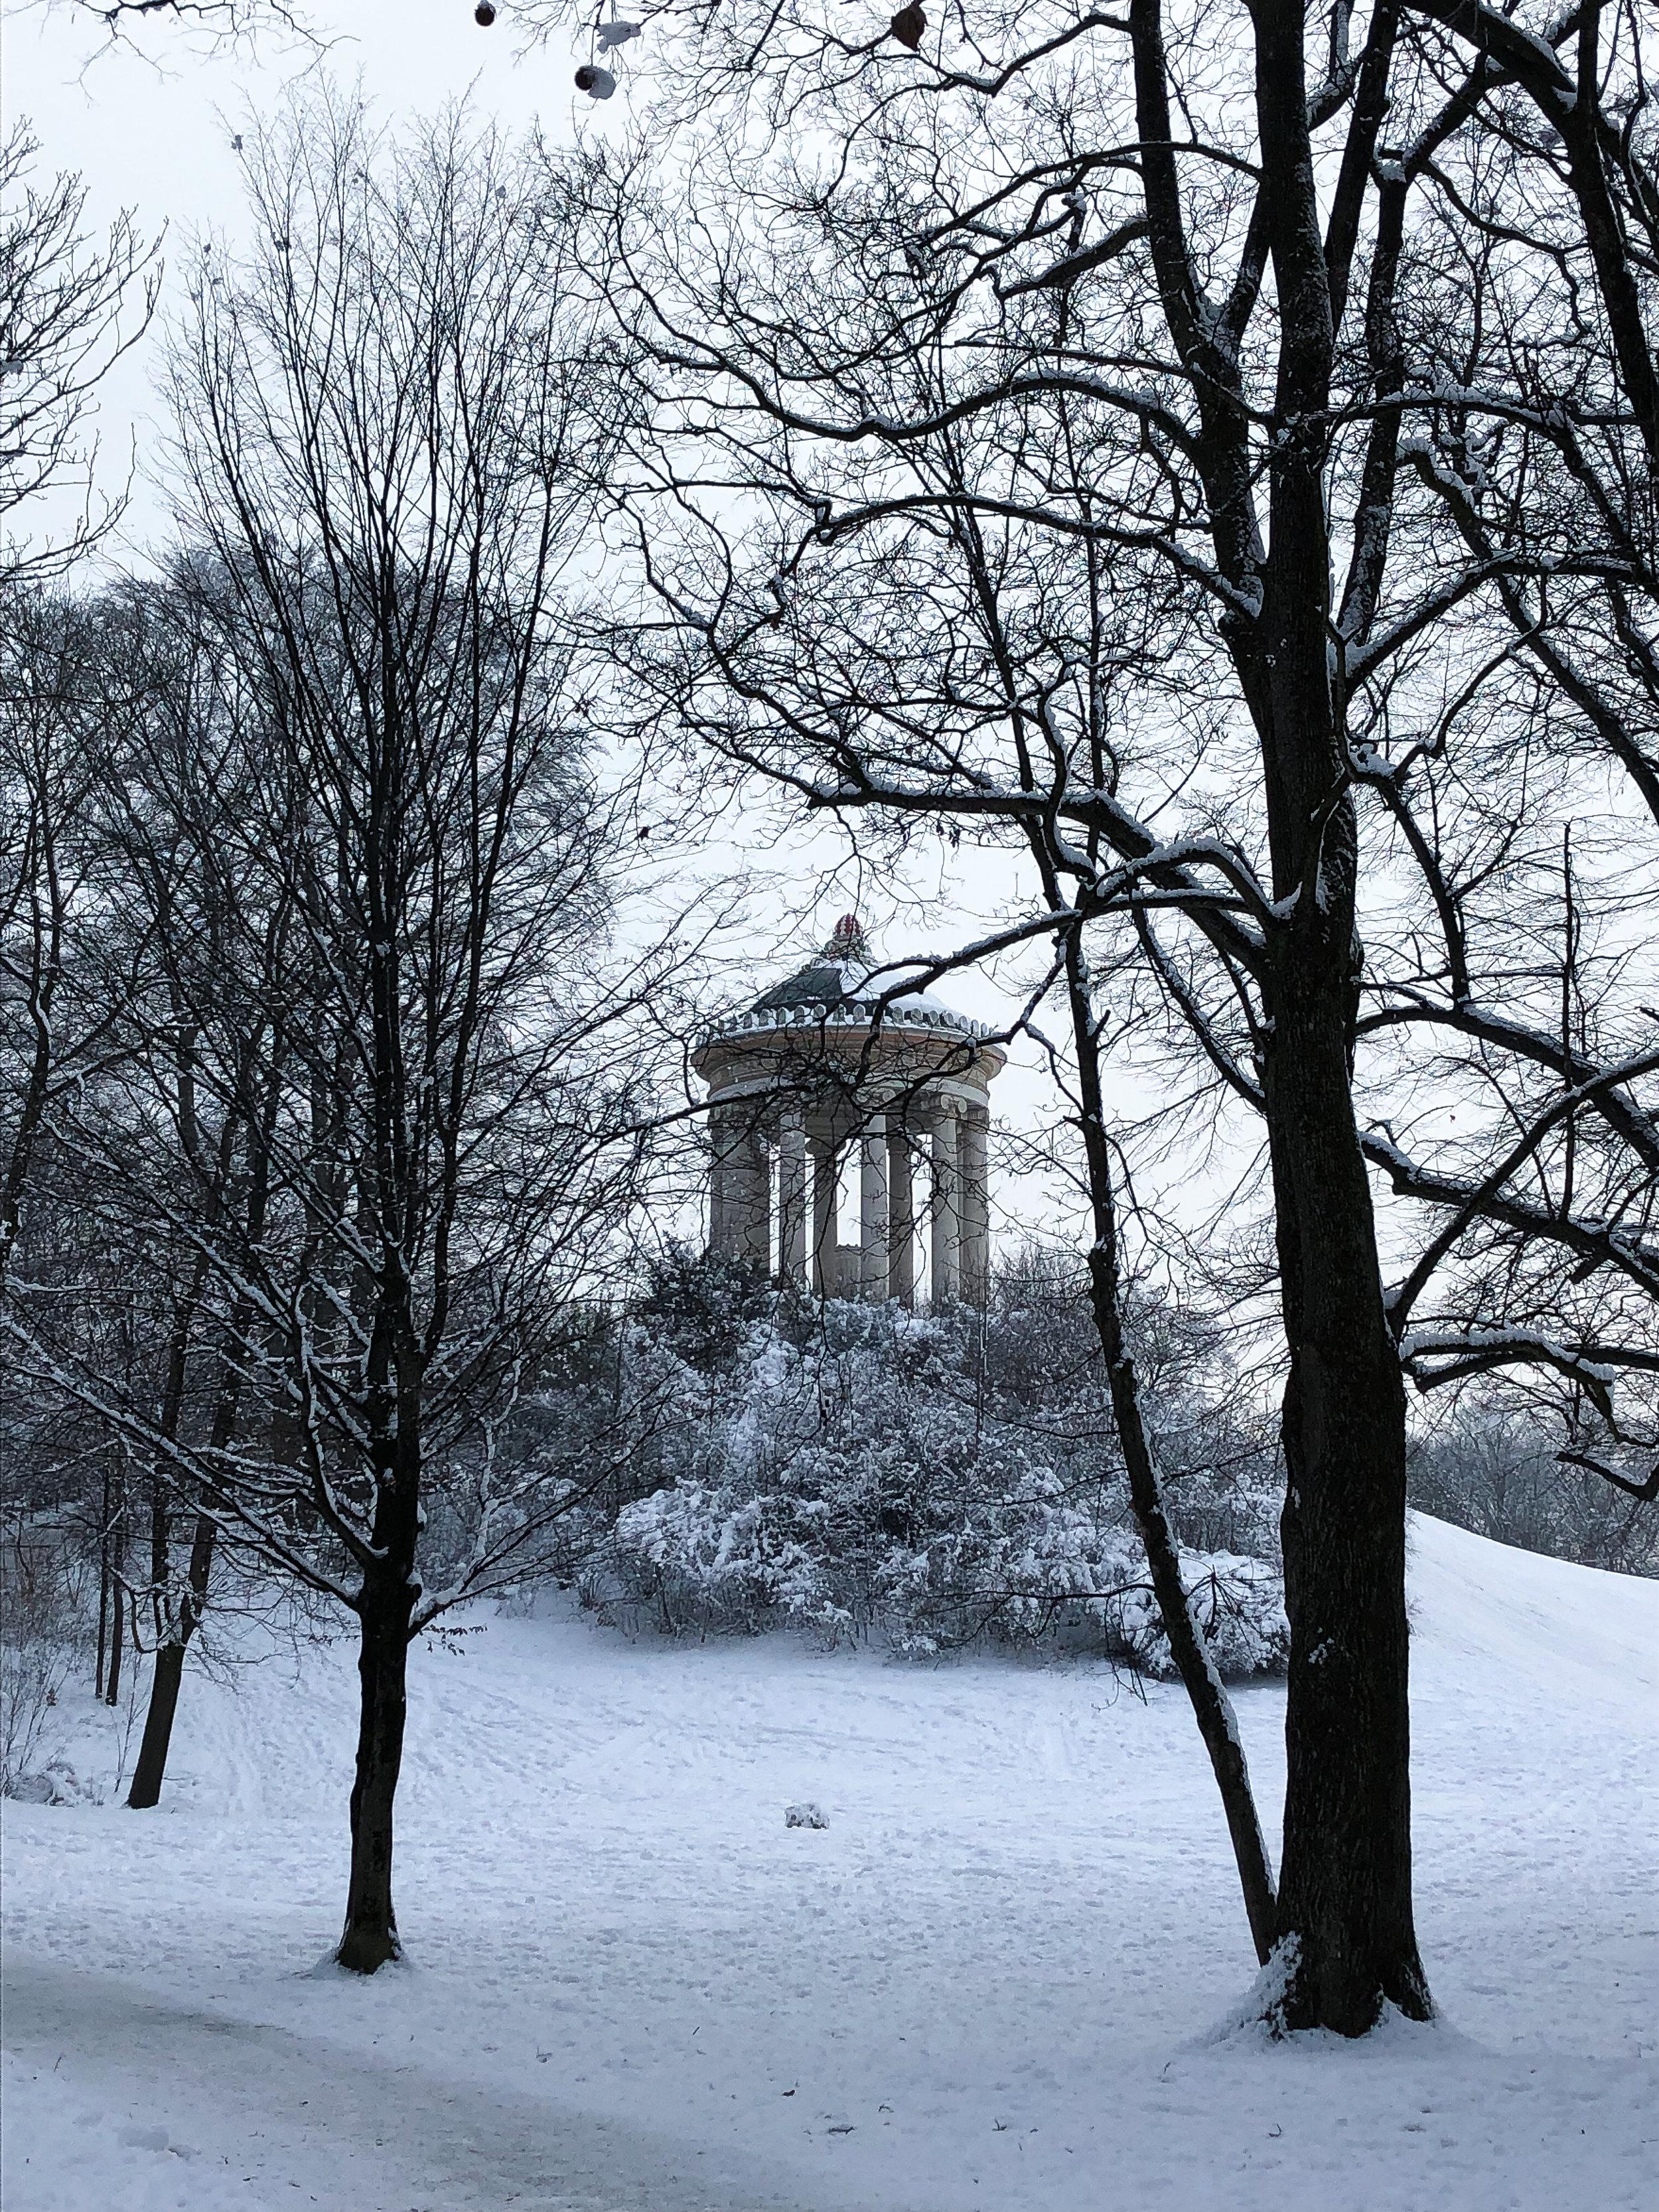 A snowy Englischer Garten in München.